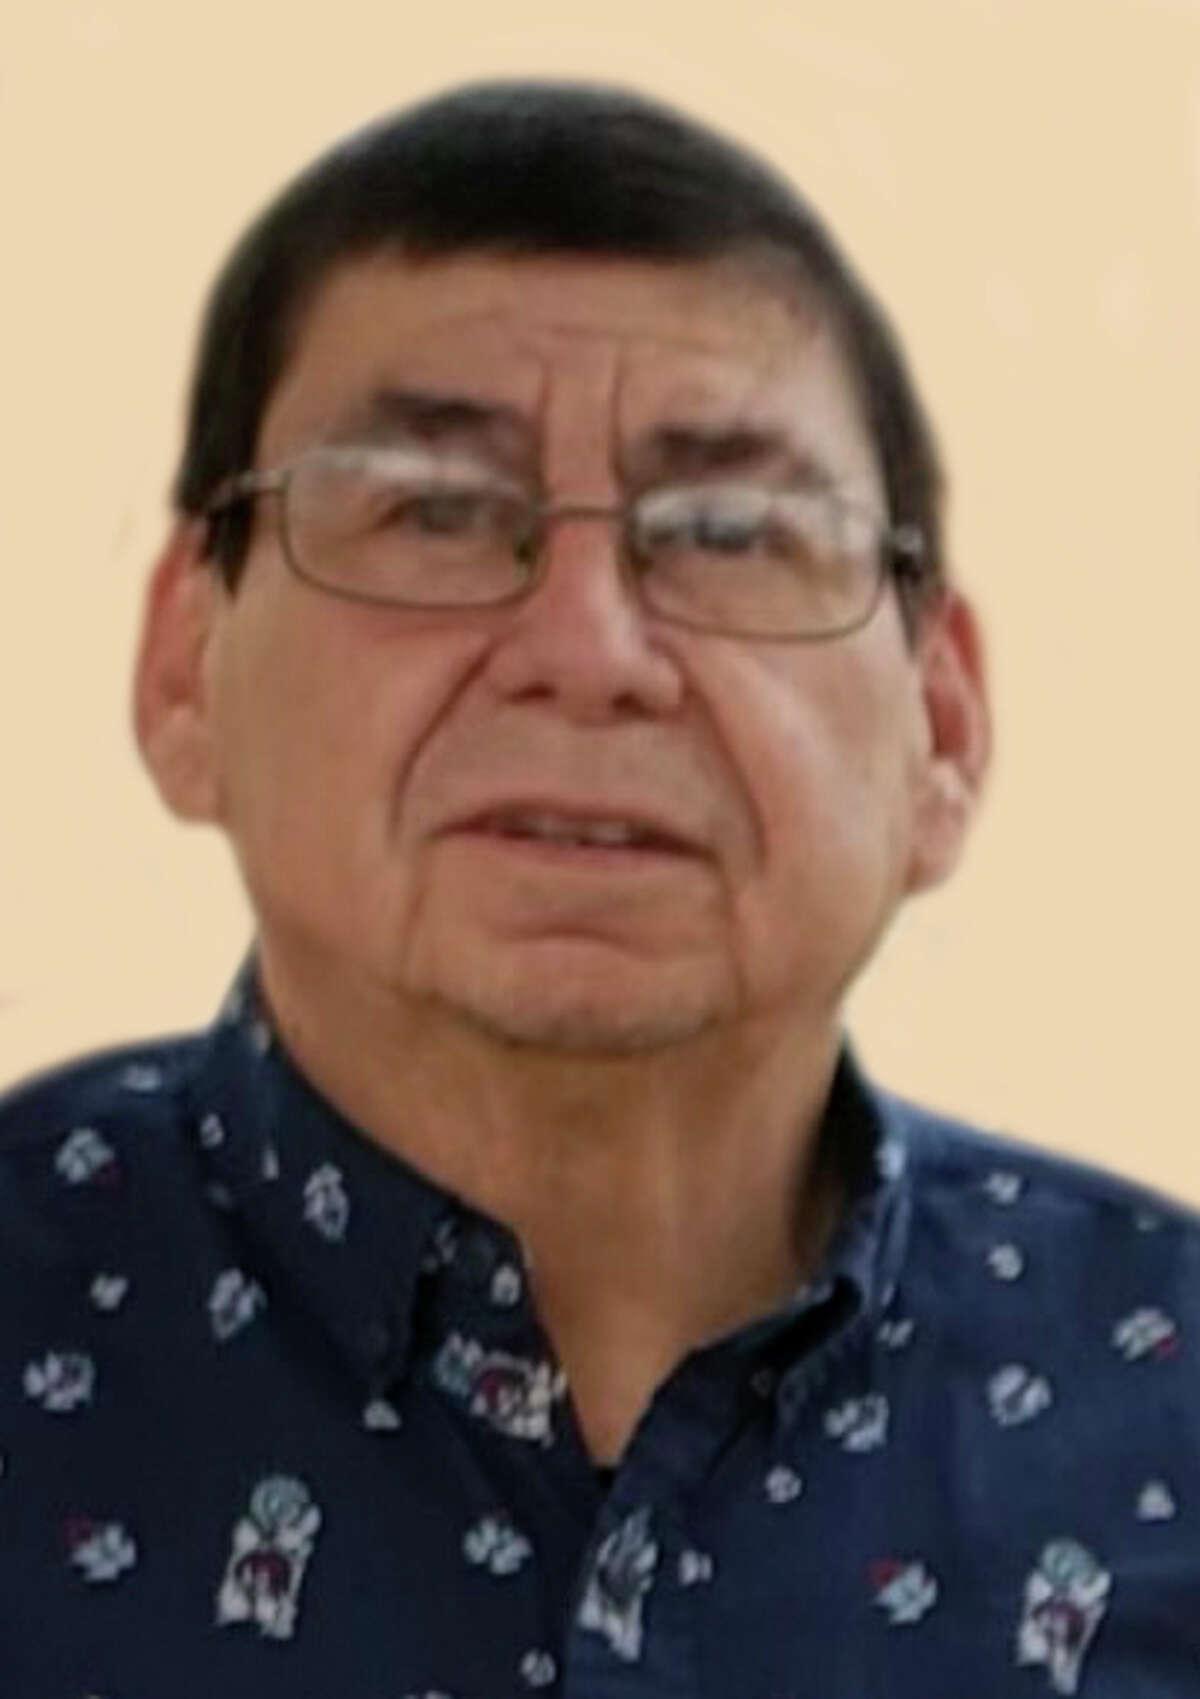 Gerardo David Negrete